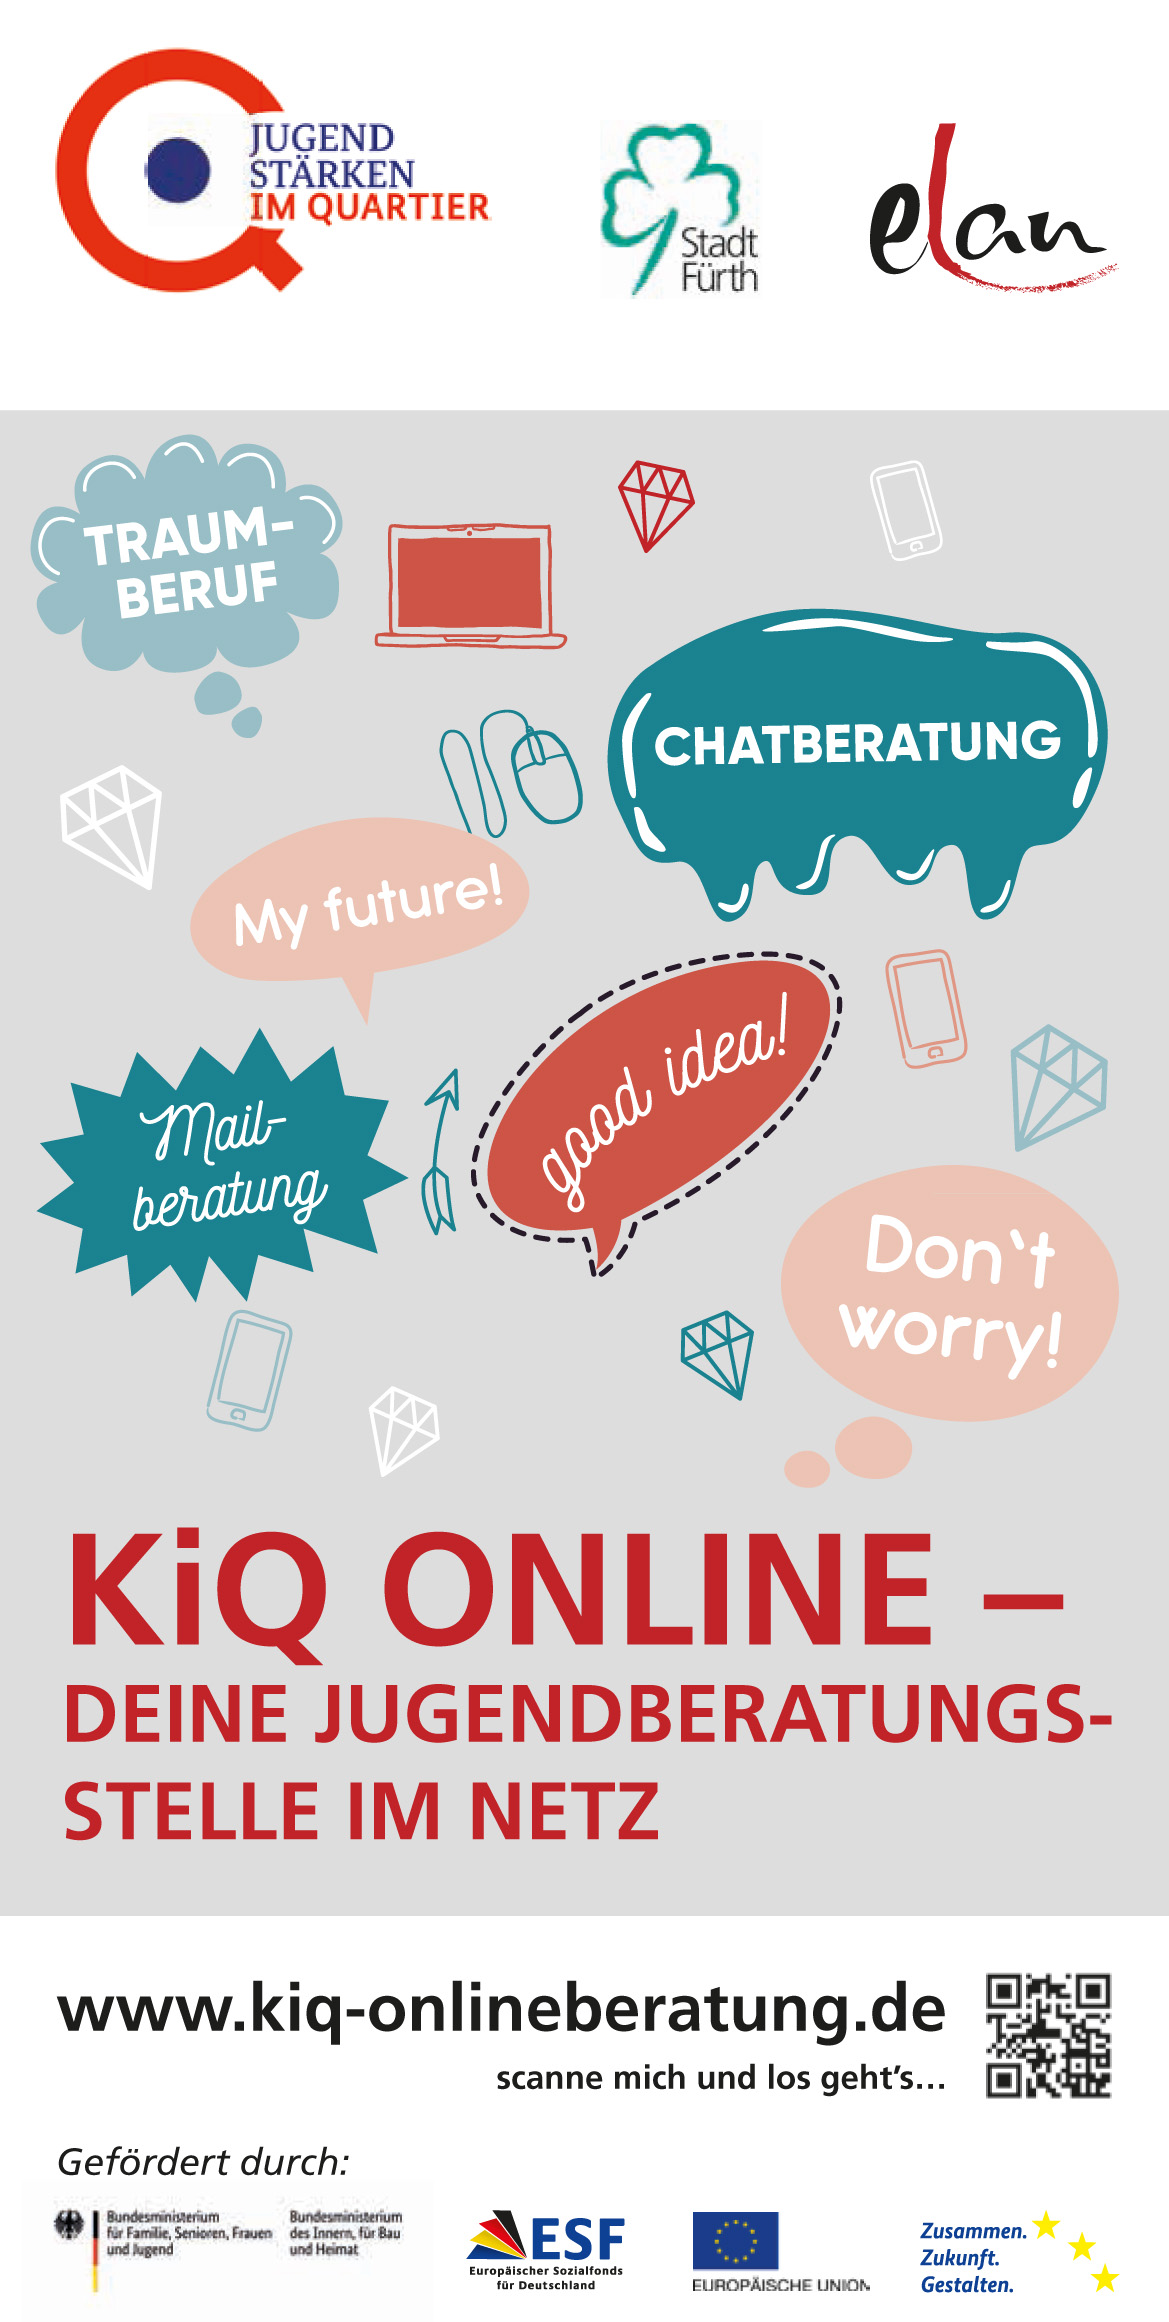 KIQ Online